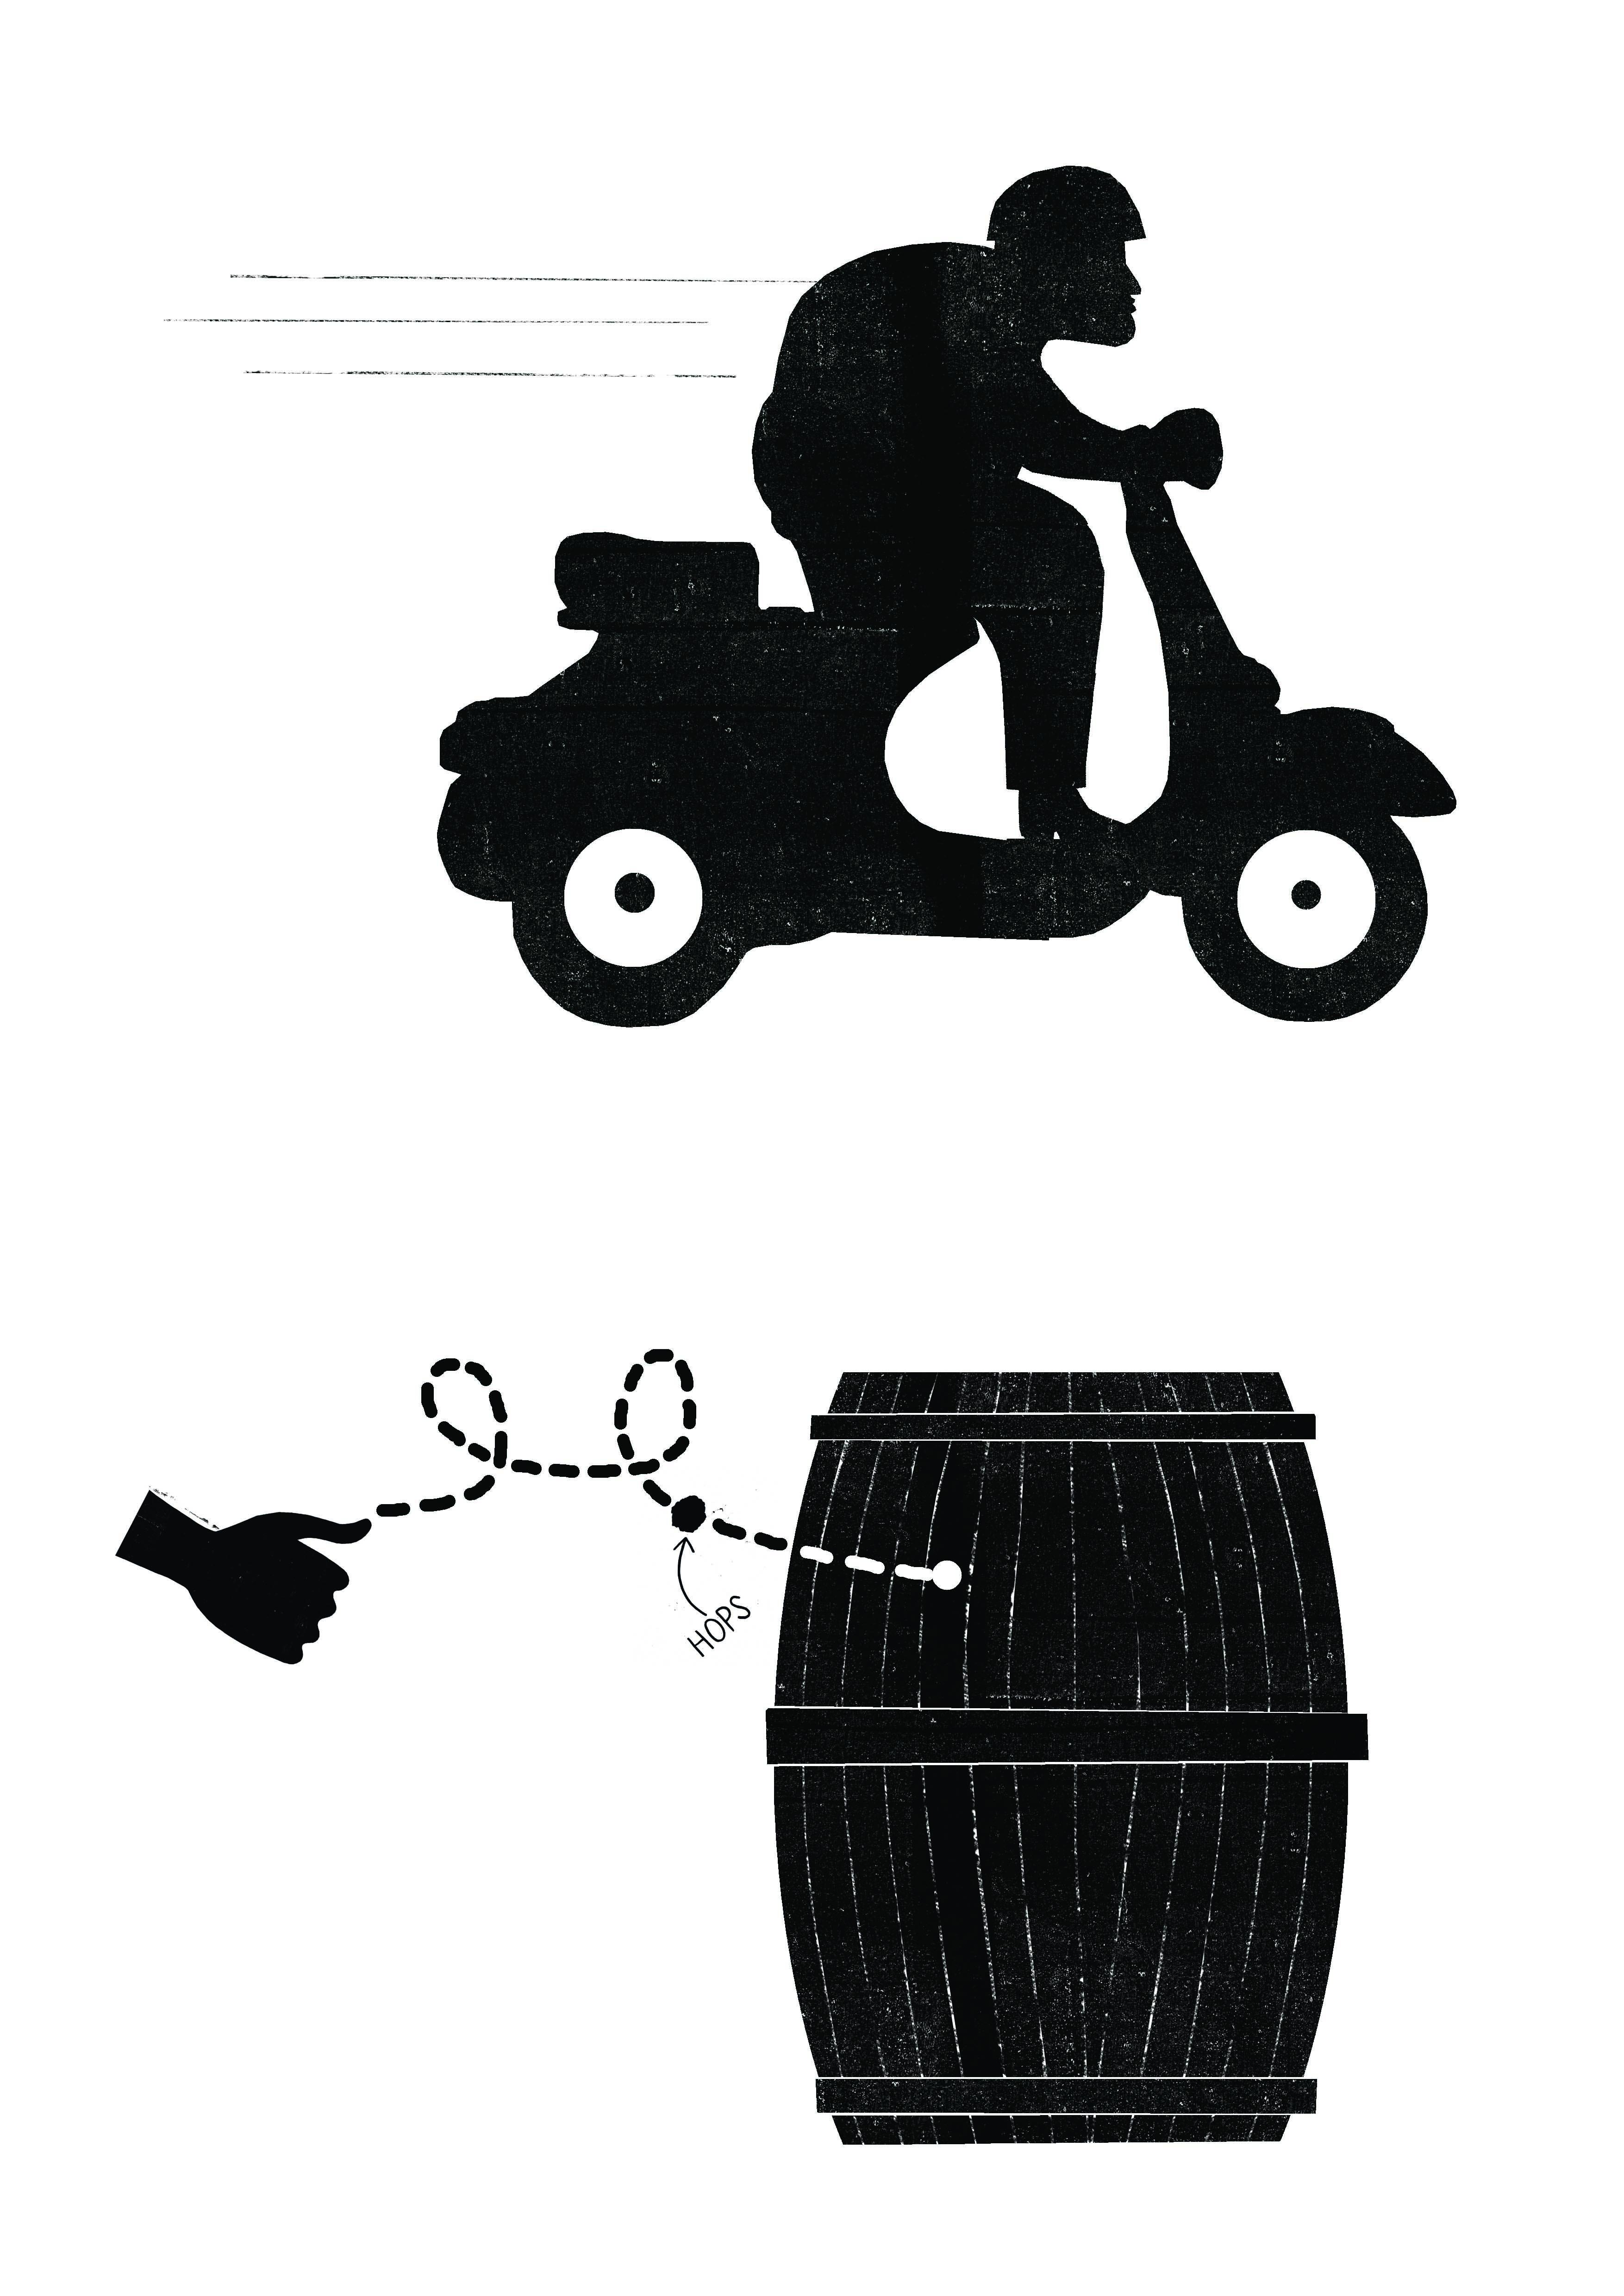 barreljohn.jpg